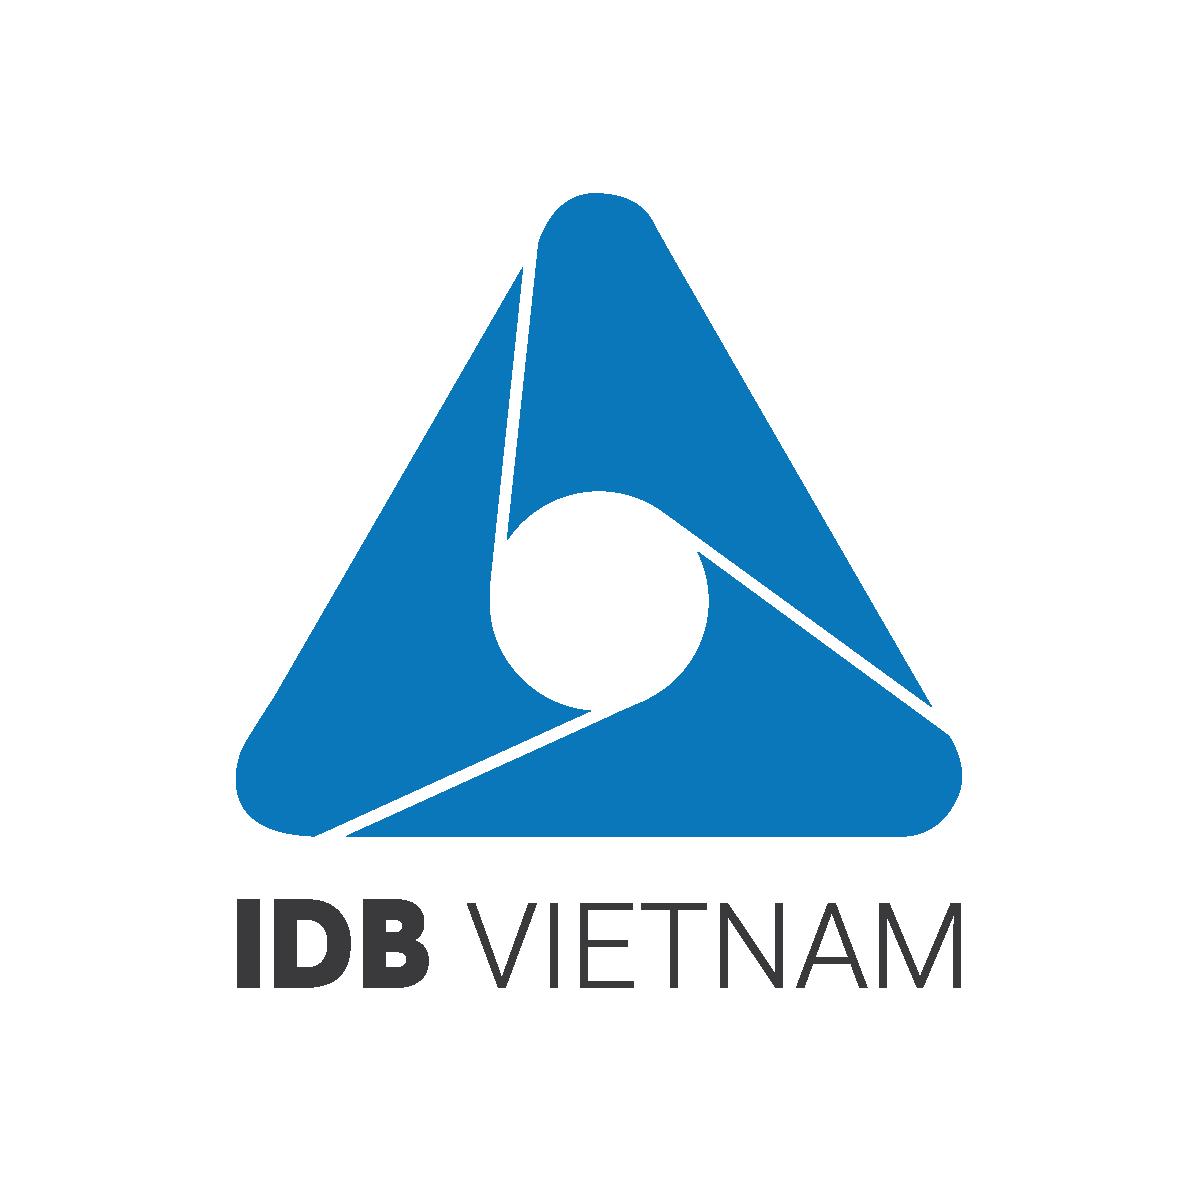 HR IDB Vietnam